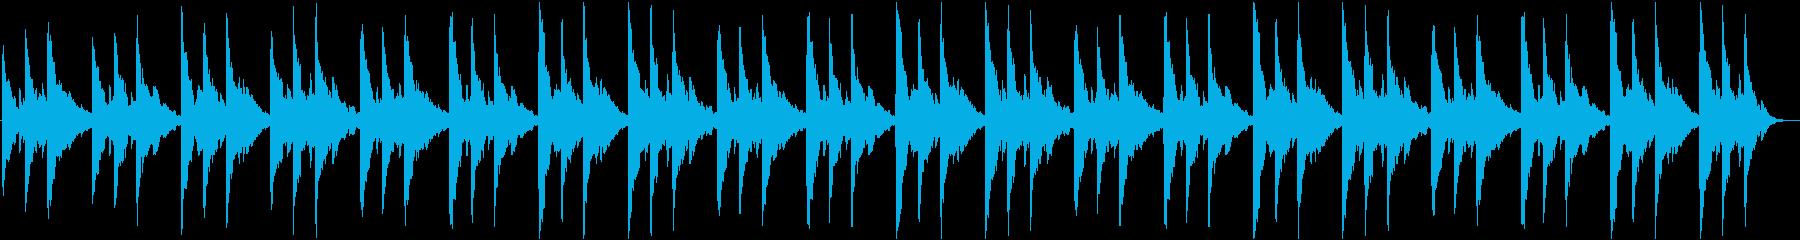 幻想的なBGM1の再生済みの波形